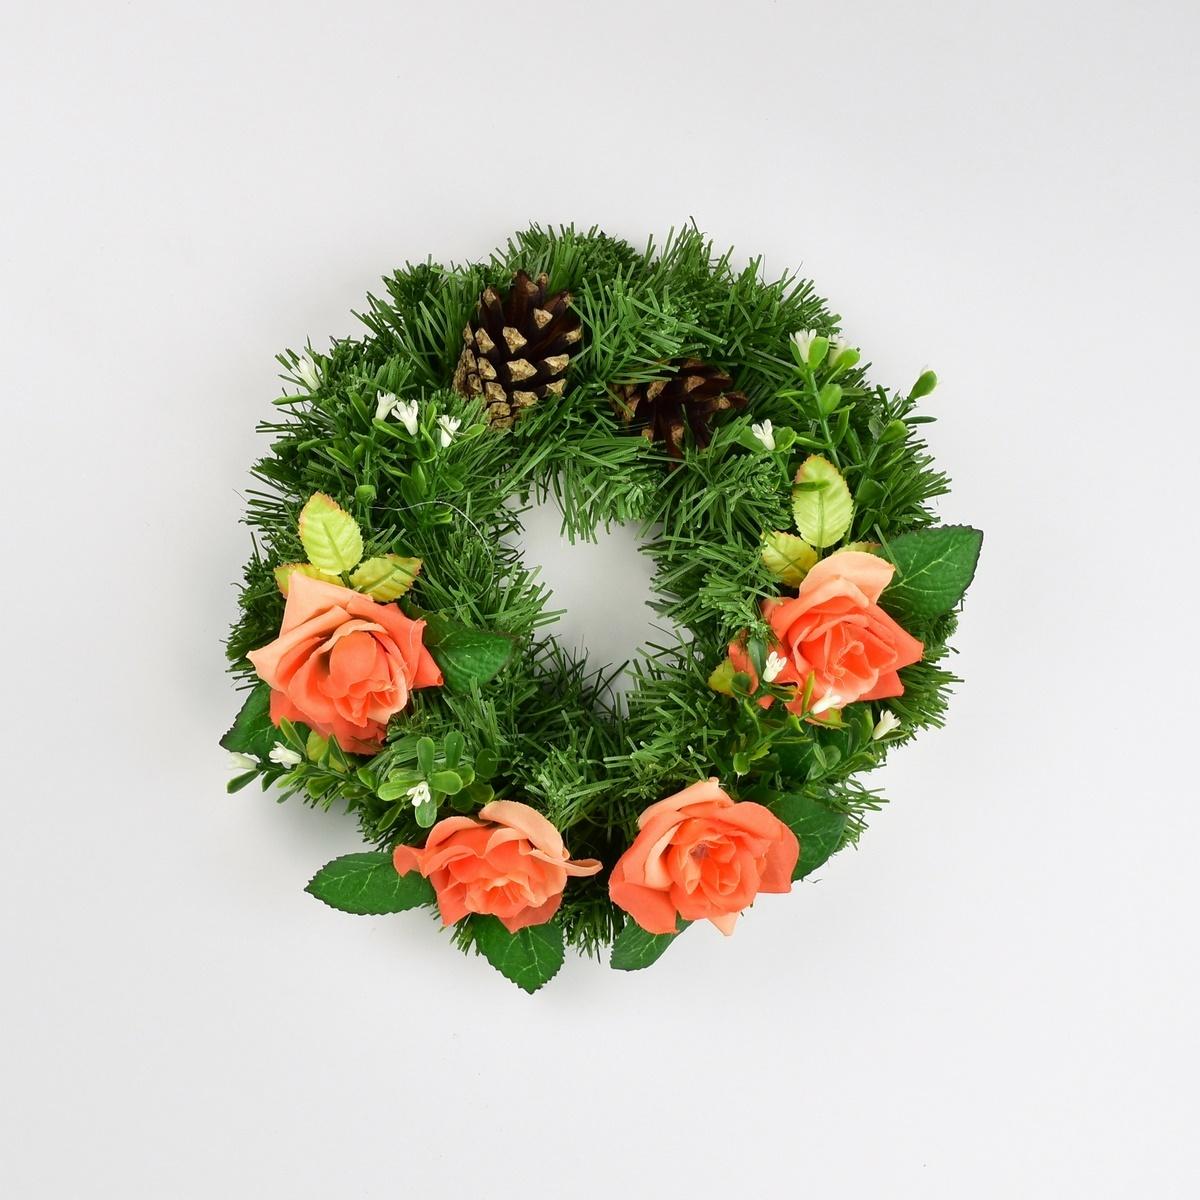 Dušičkový věnec s růžemi 25 cm, oranžová